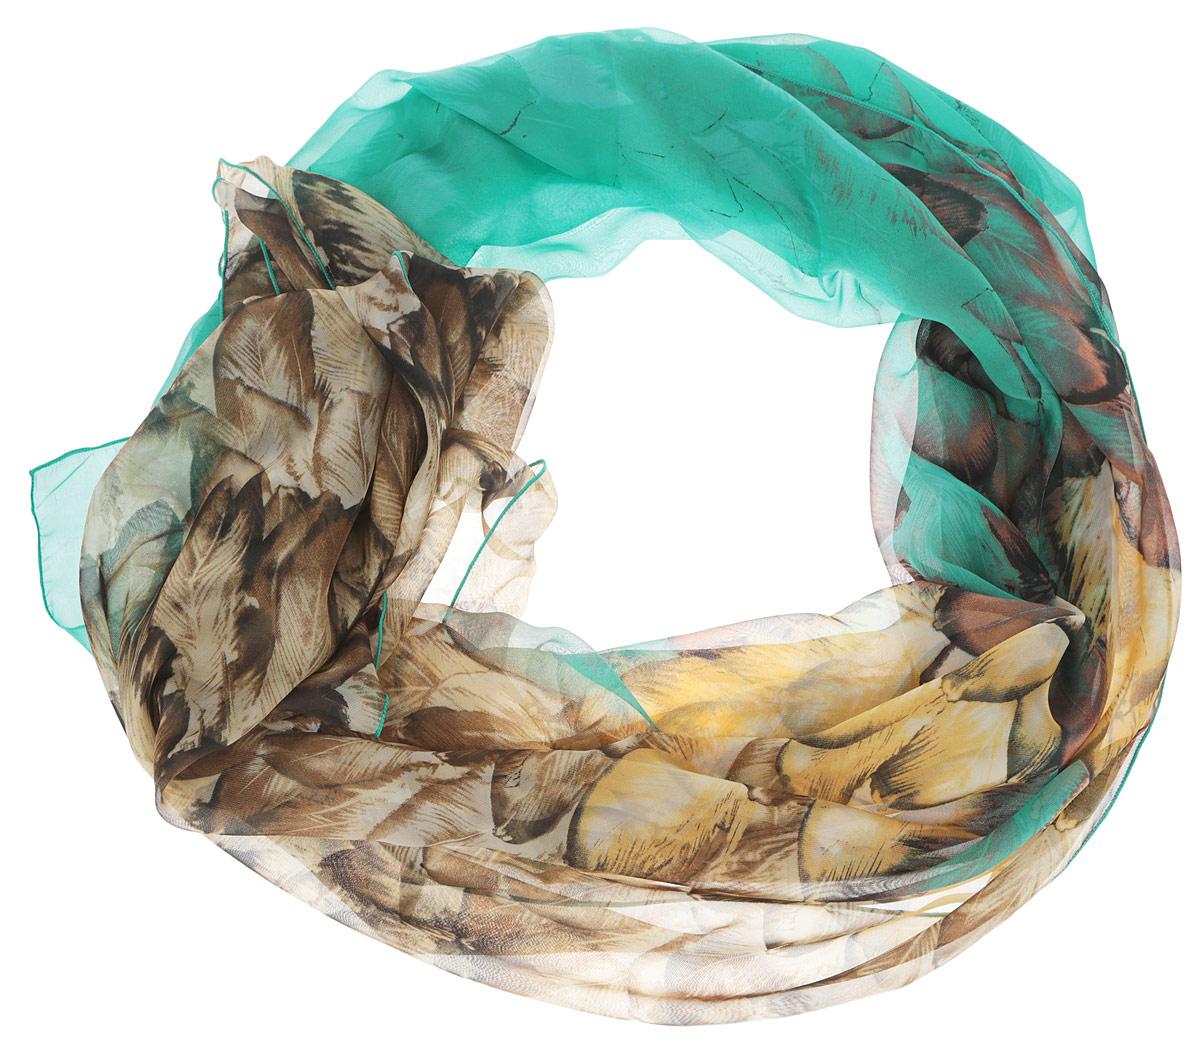 RL0055-2Женский шарф Fabretti, выполненный из полиэстера с добавлением шелка, станет ярким дополнением к вашему гардеробу. Изделие легкое и воздушное, имеет приятную текстуру. Модель оформлена принтом с изображением перьев. Этот модный аксессуар гармонично дополнит образ современной женщины, следящей за своим имиджем и стремящейся всегда оставаться стильной и элегантной.